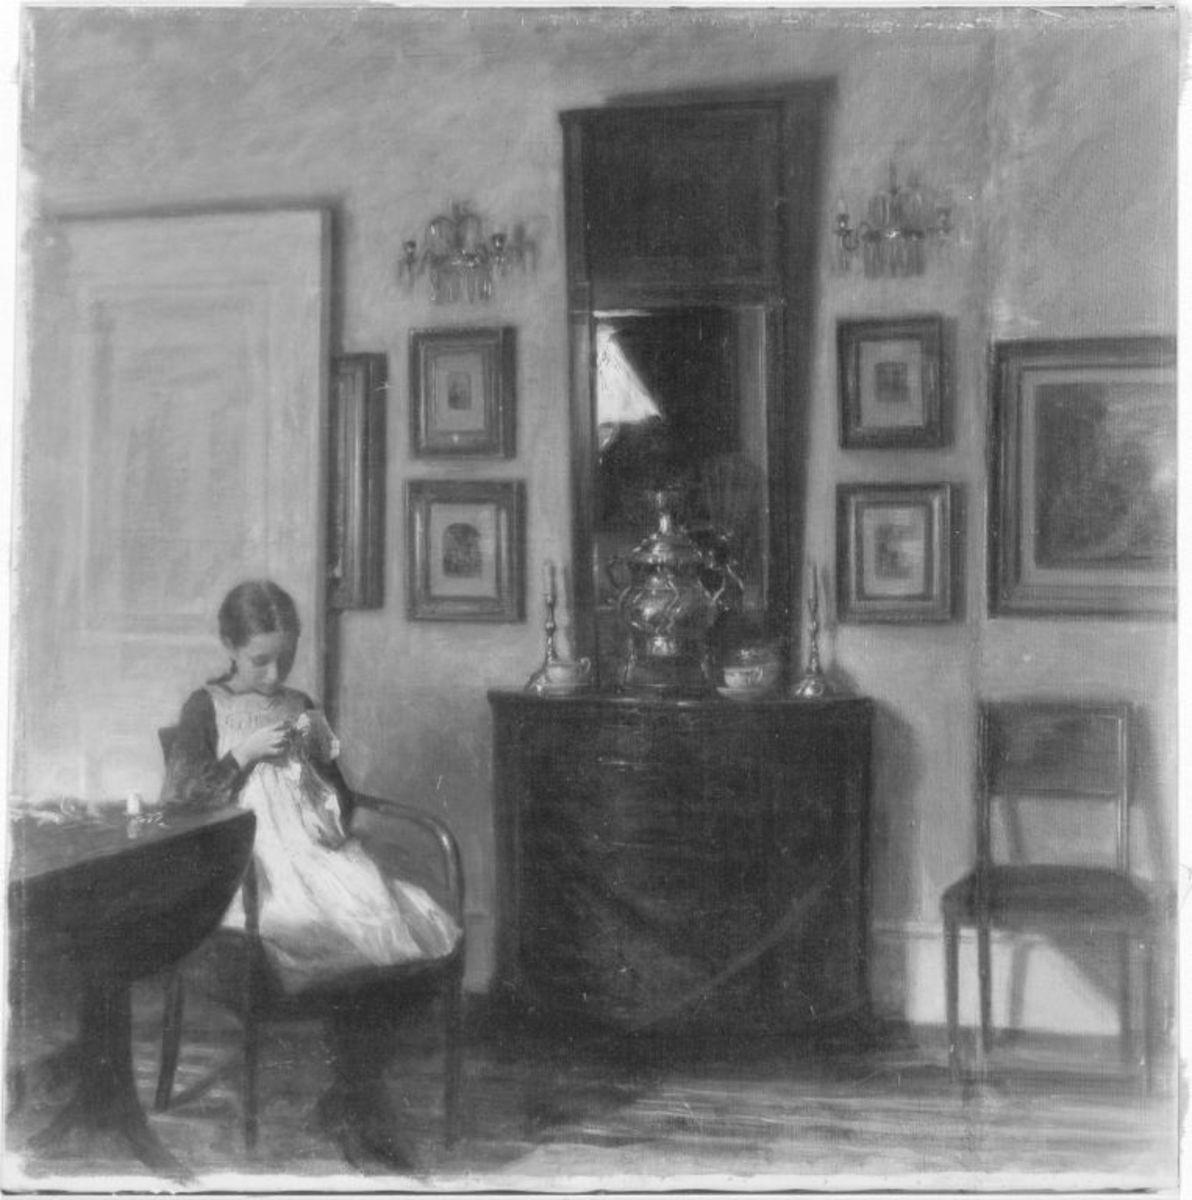 Interieur mit Mädchen